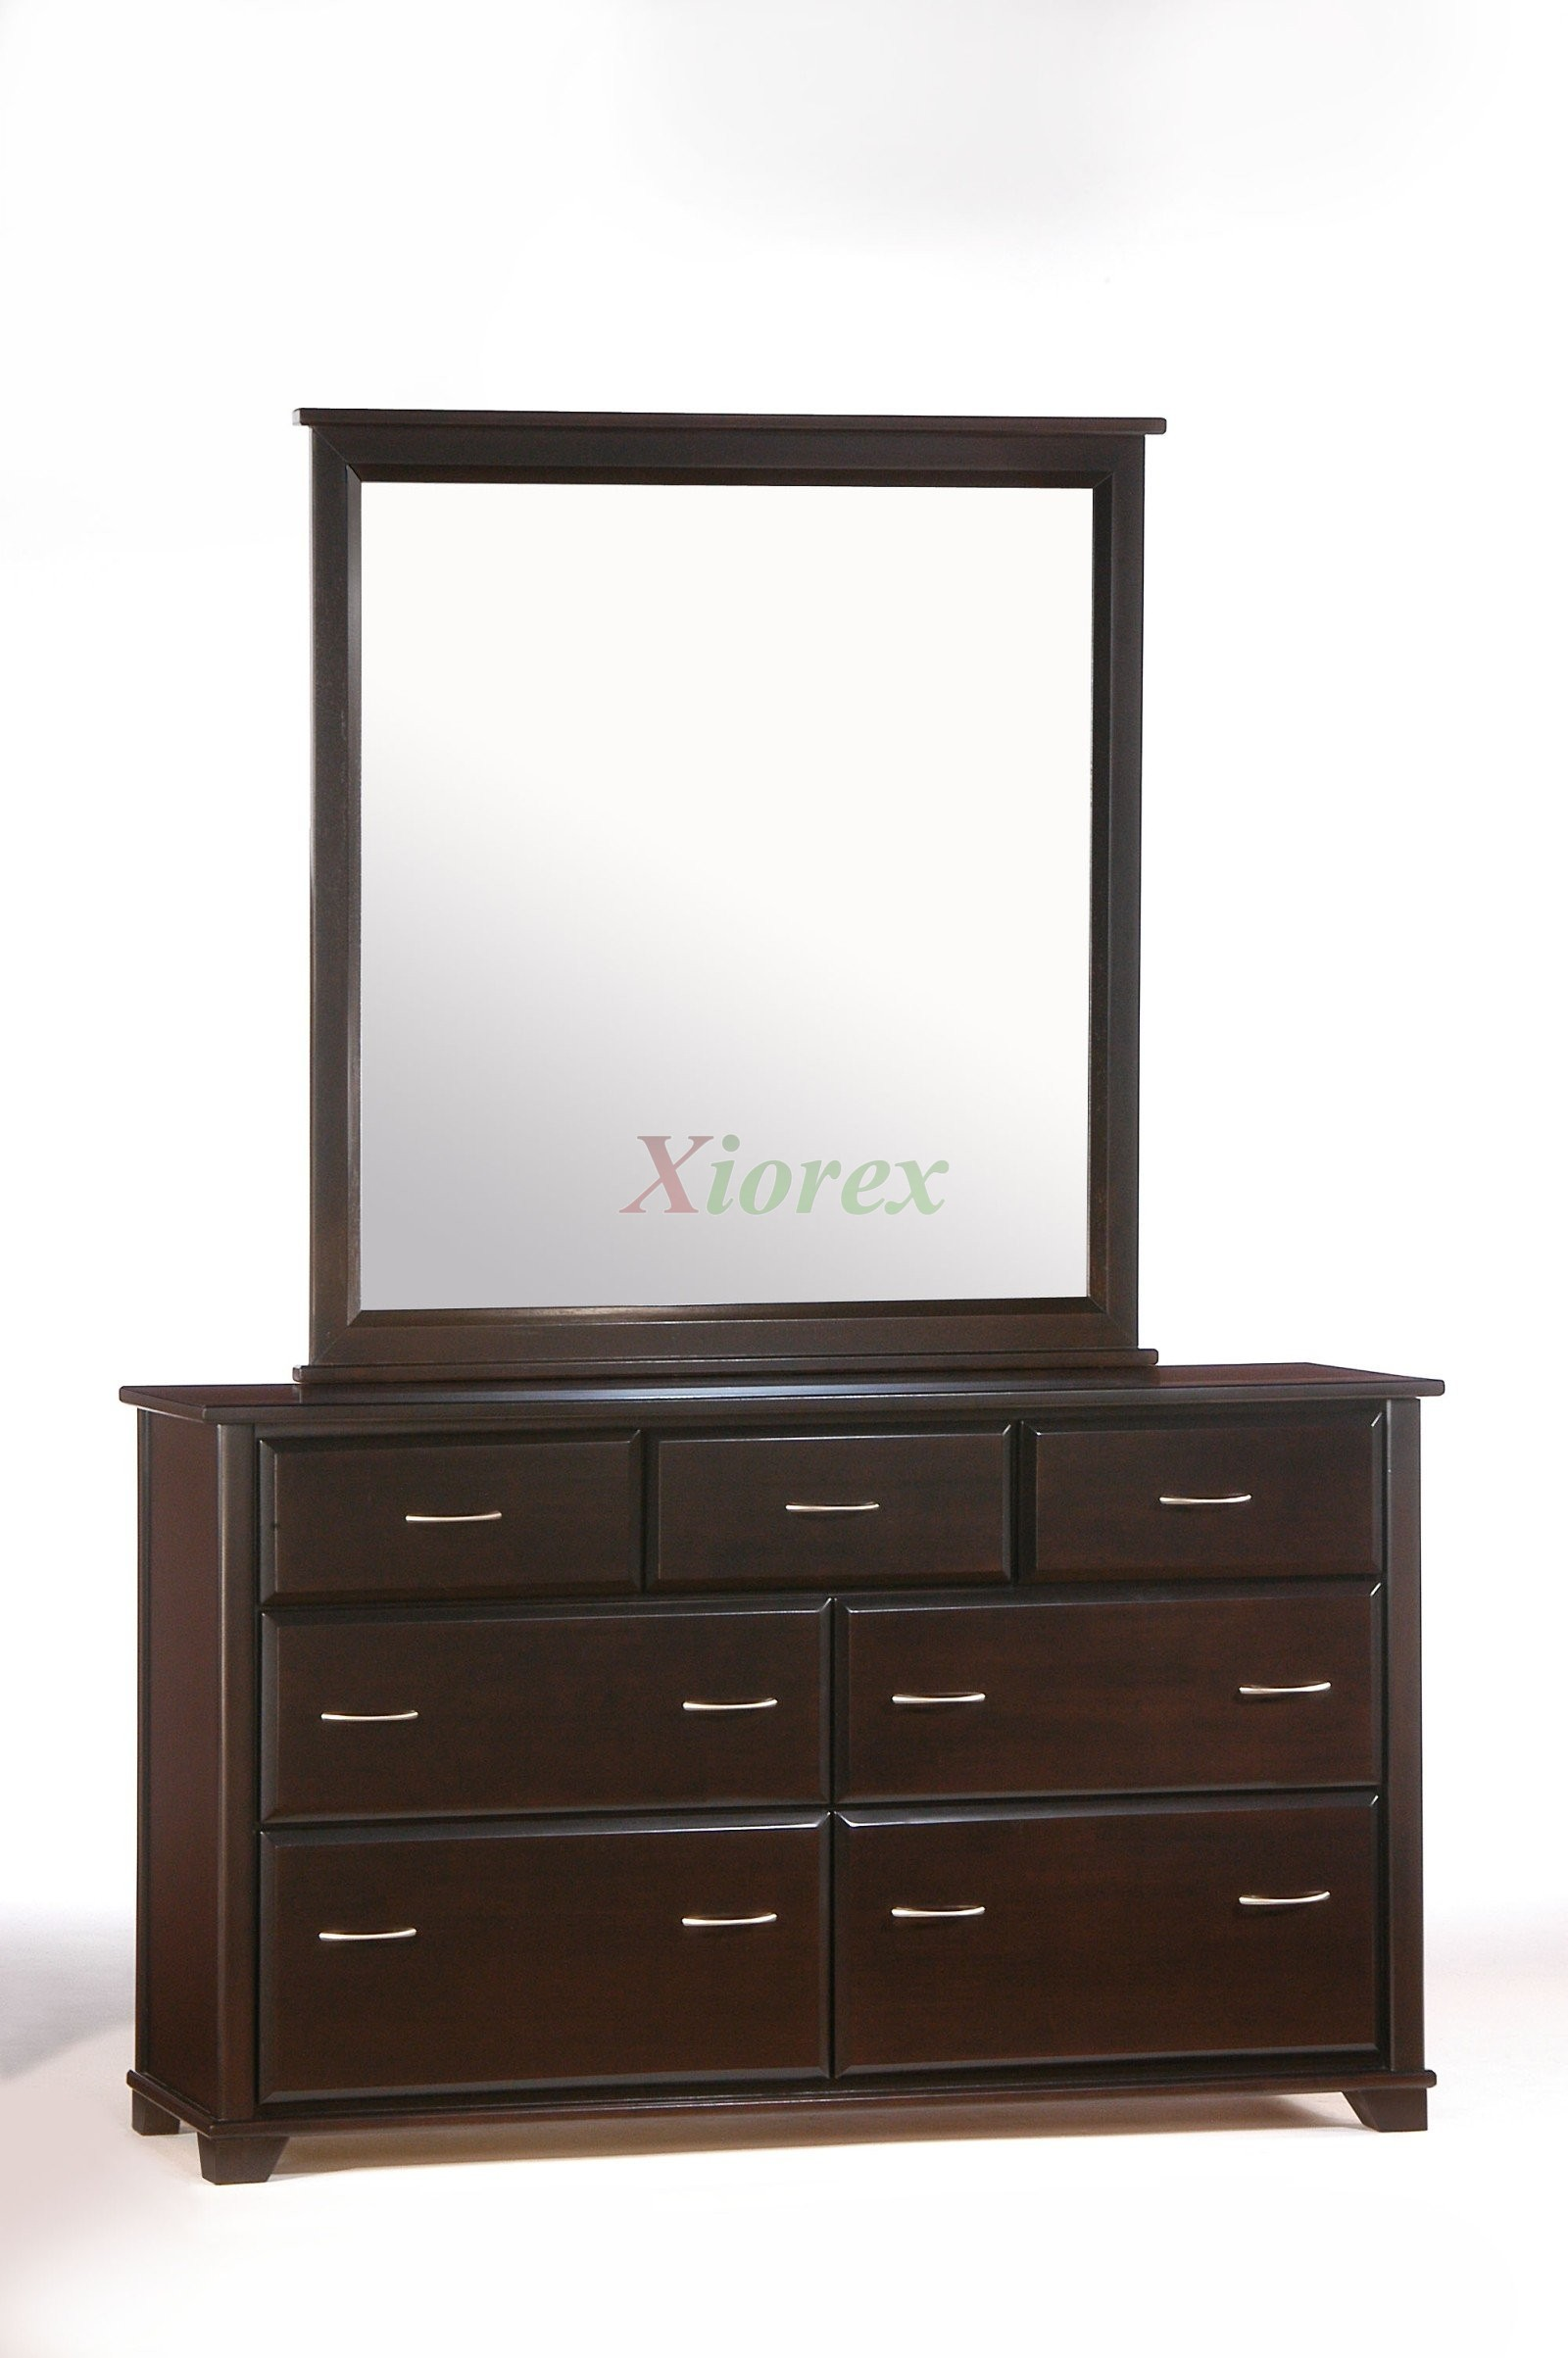 Superieur Juniper Dresser Dark Chocolate By Night And Day   Xiorex Furniture